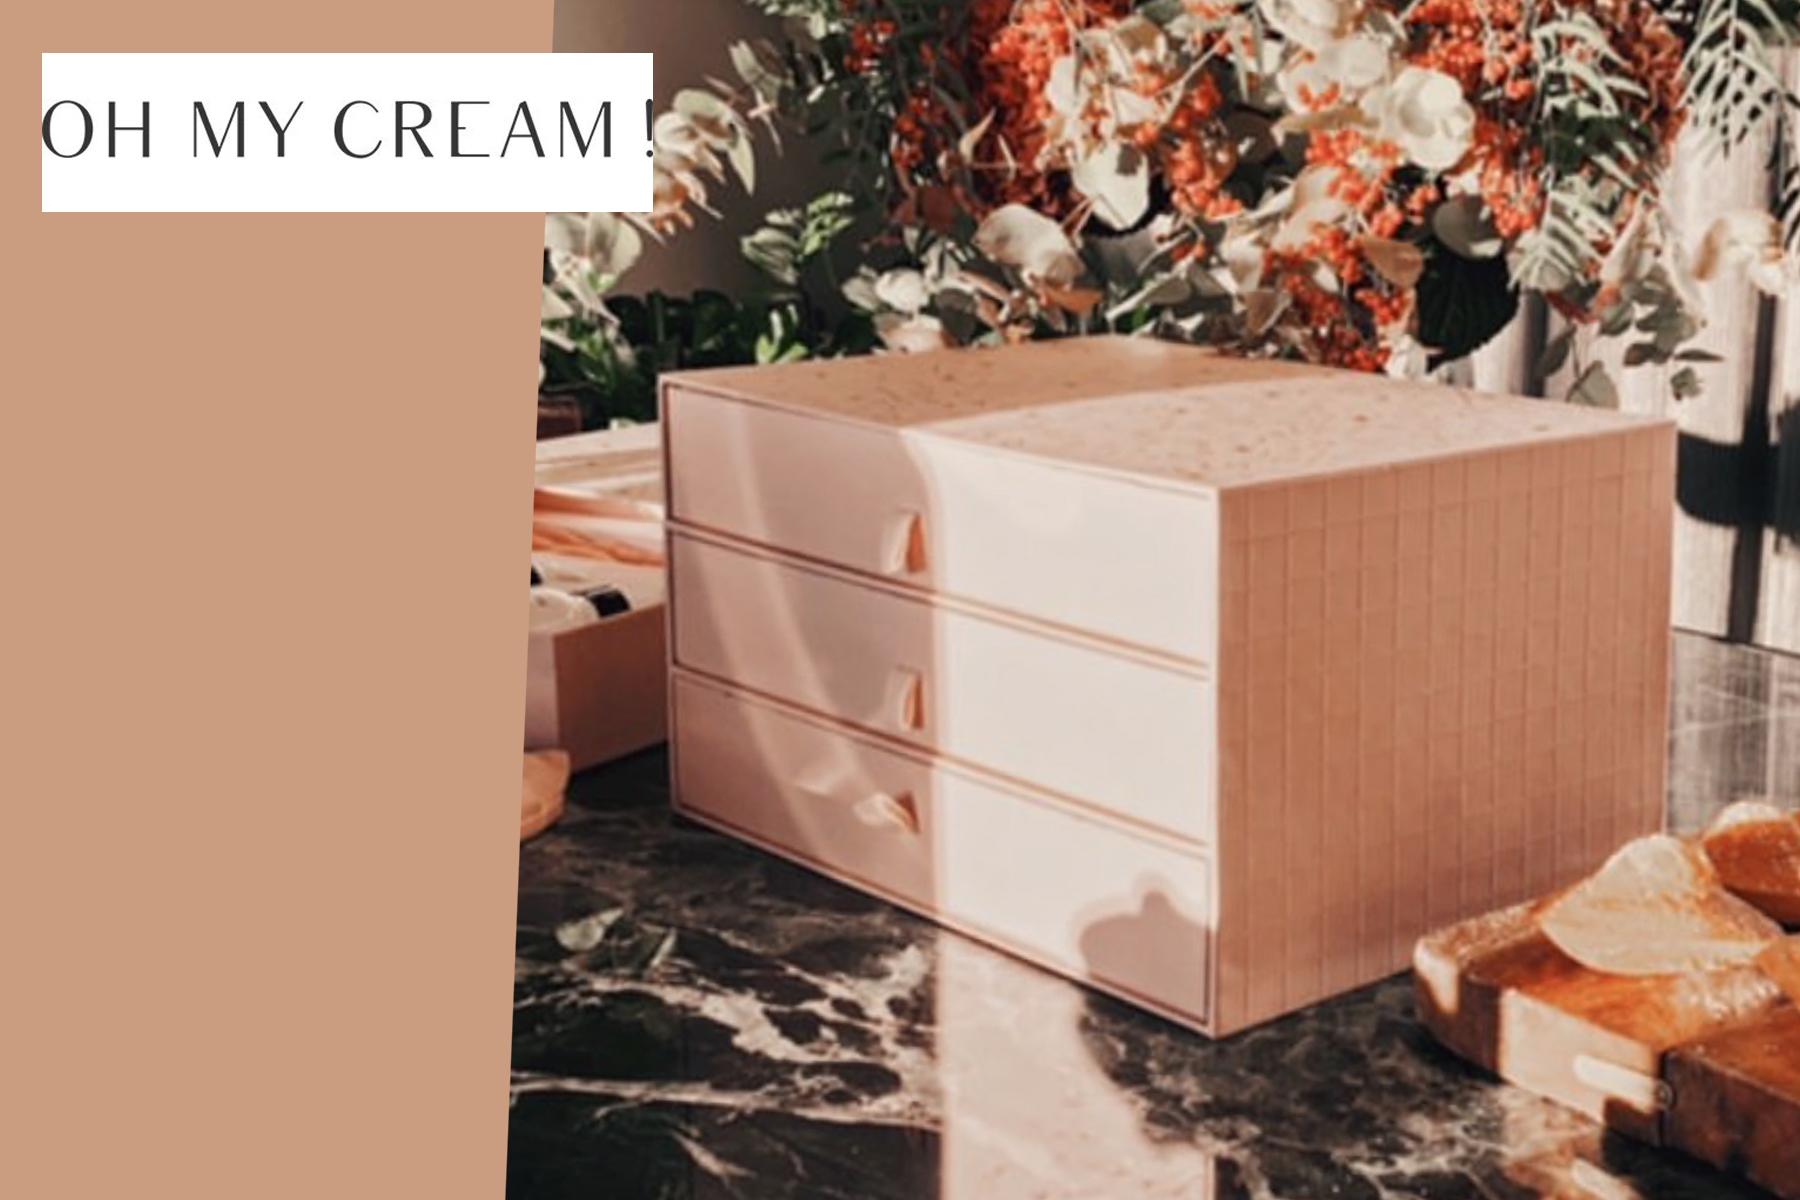 calendrier-de-lavent-oh-my-cream-2019